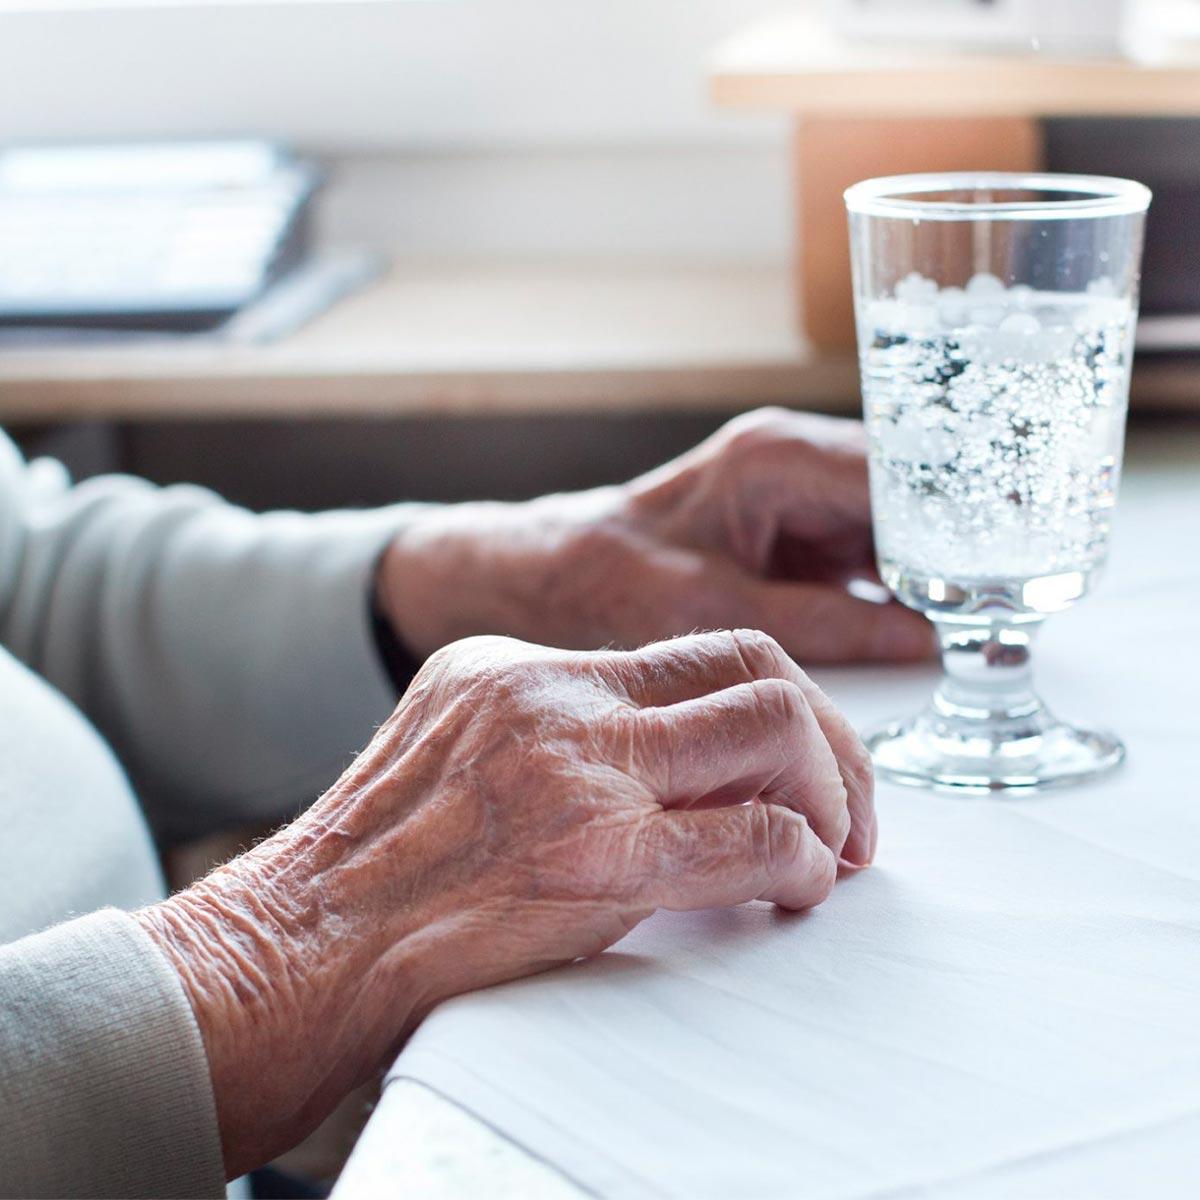 Disidratazione negli anziani